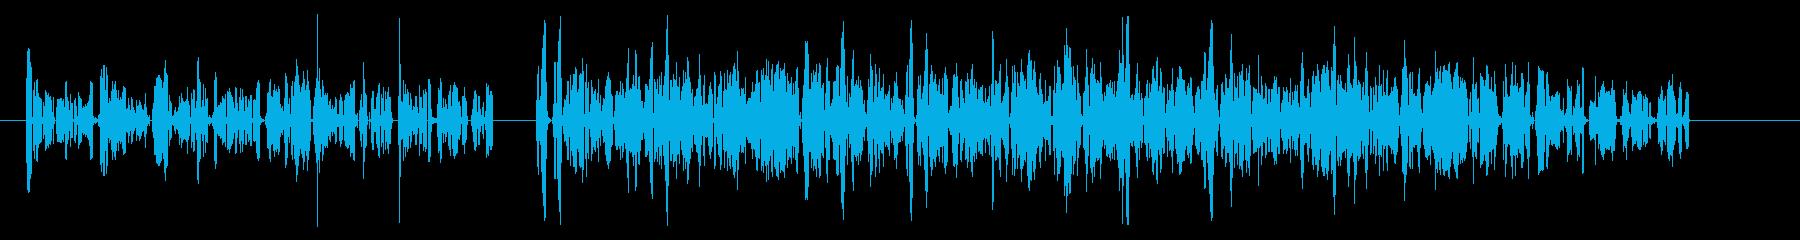 漫画-トーク-2バージョンの再生済みの波形